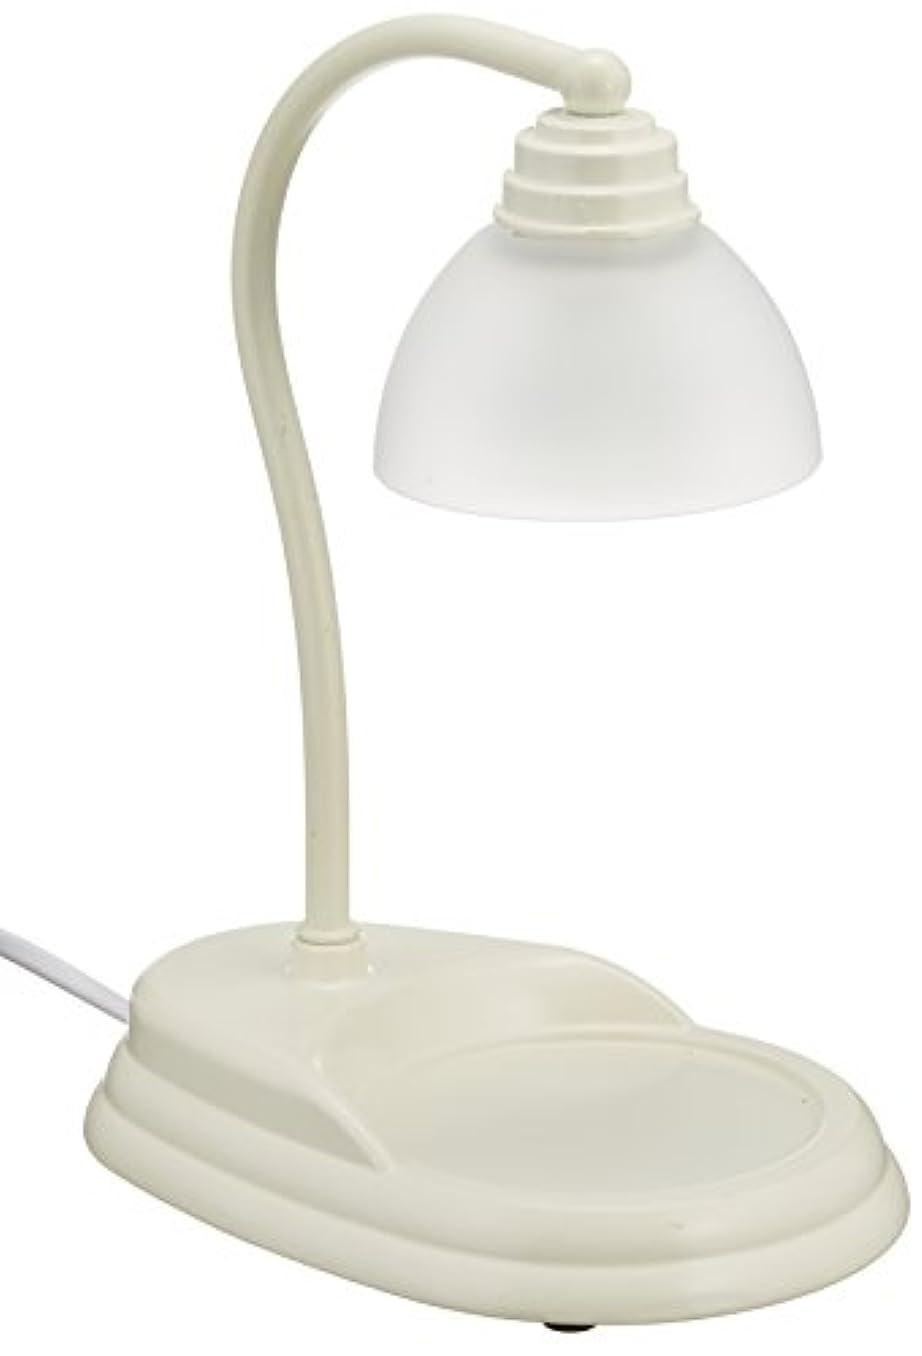 雑多な憧れ地平線電球の熱でキャンドルを溶かして香りを楽しむ電気スタンド キャンドルウォーマーランプ (ホワイト)